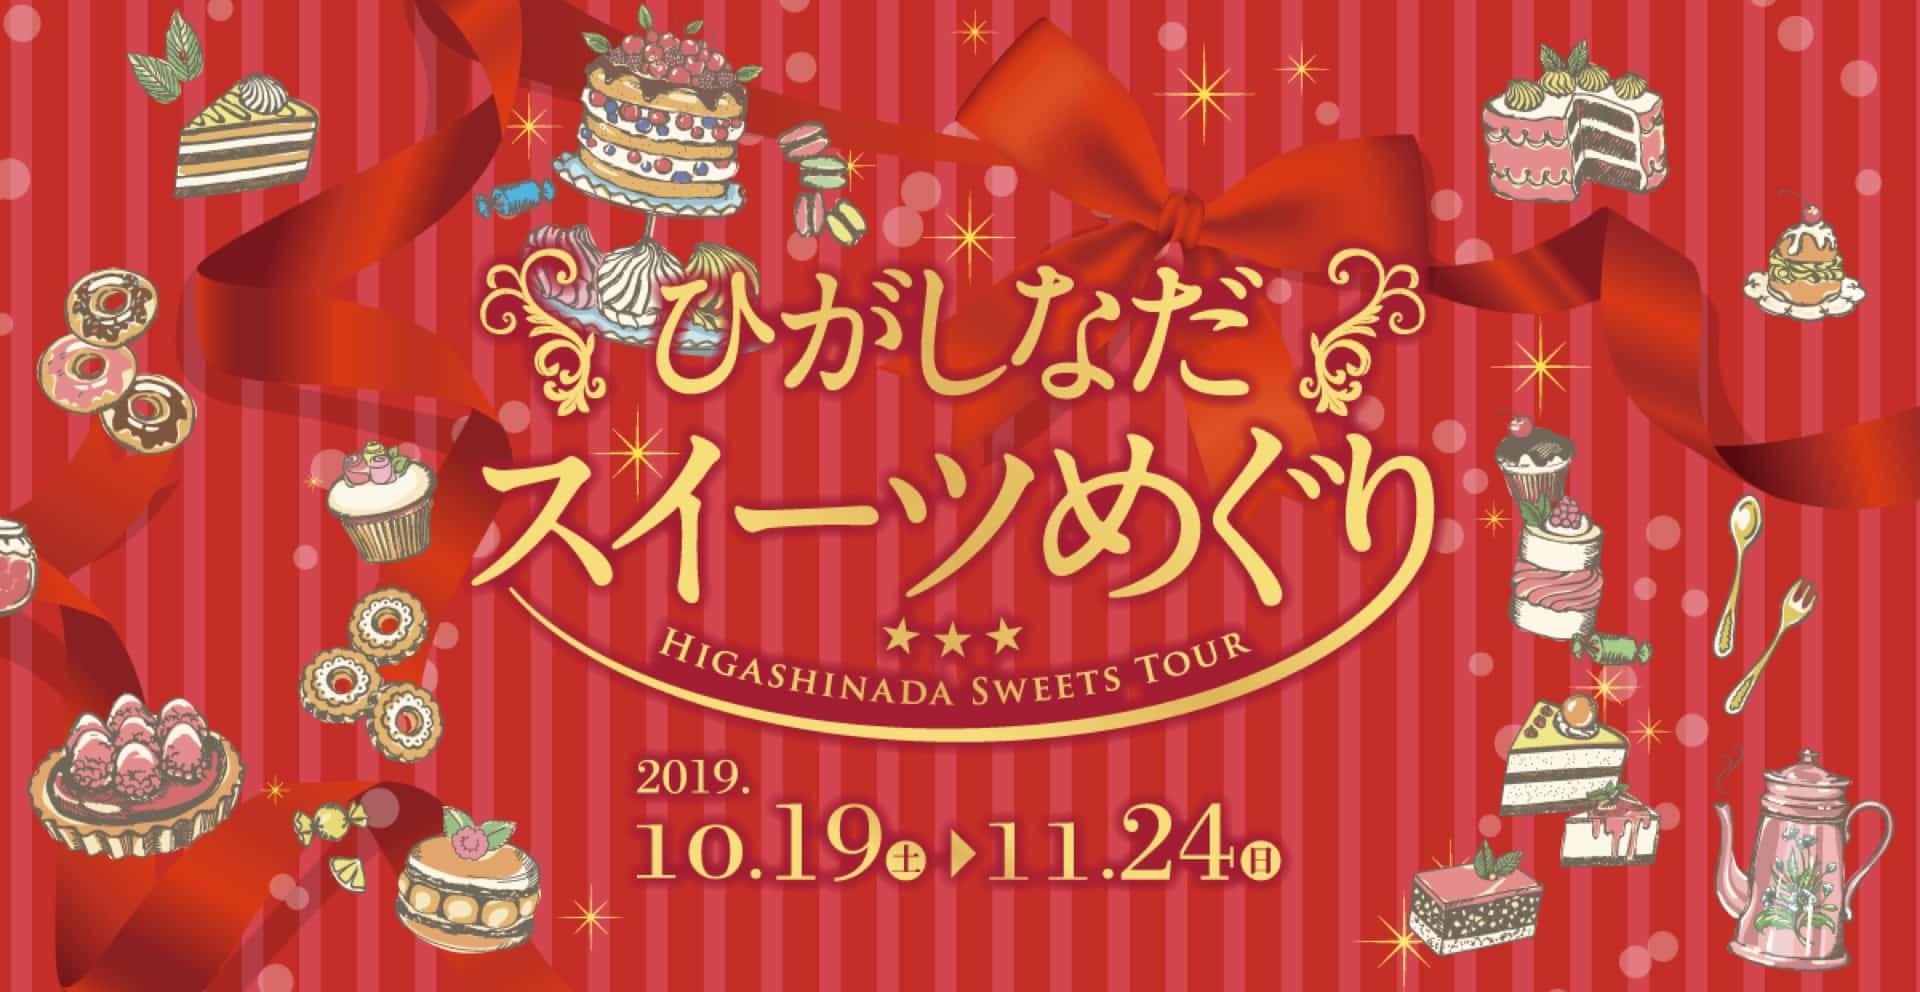 【2019年】「ひがしなだスイーツめぐり」で神戸の甘い食べ歩き。2日間スイーツバス乗り放題!